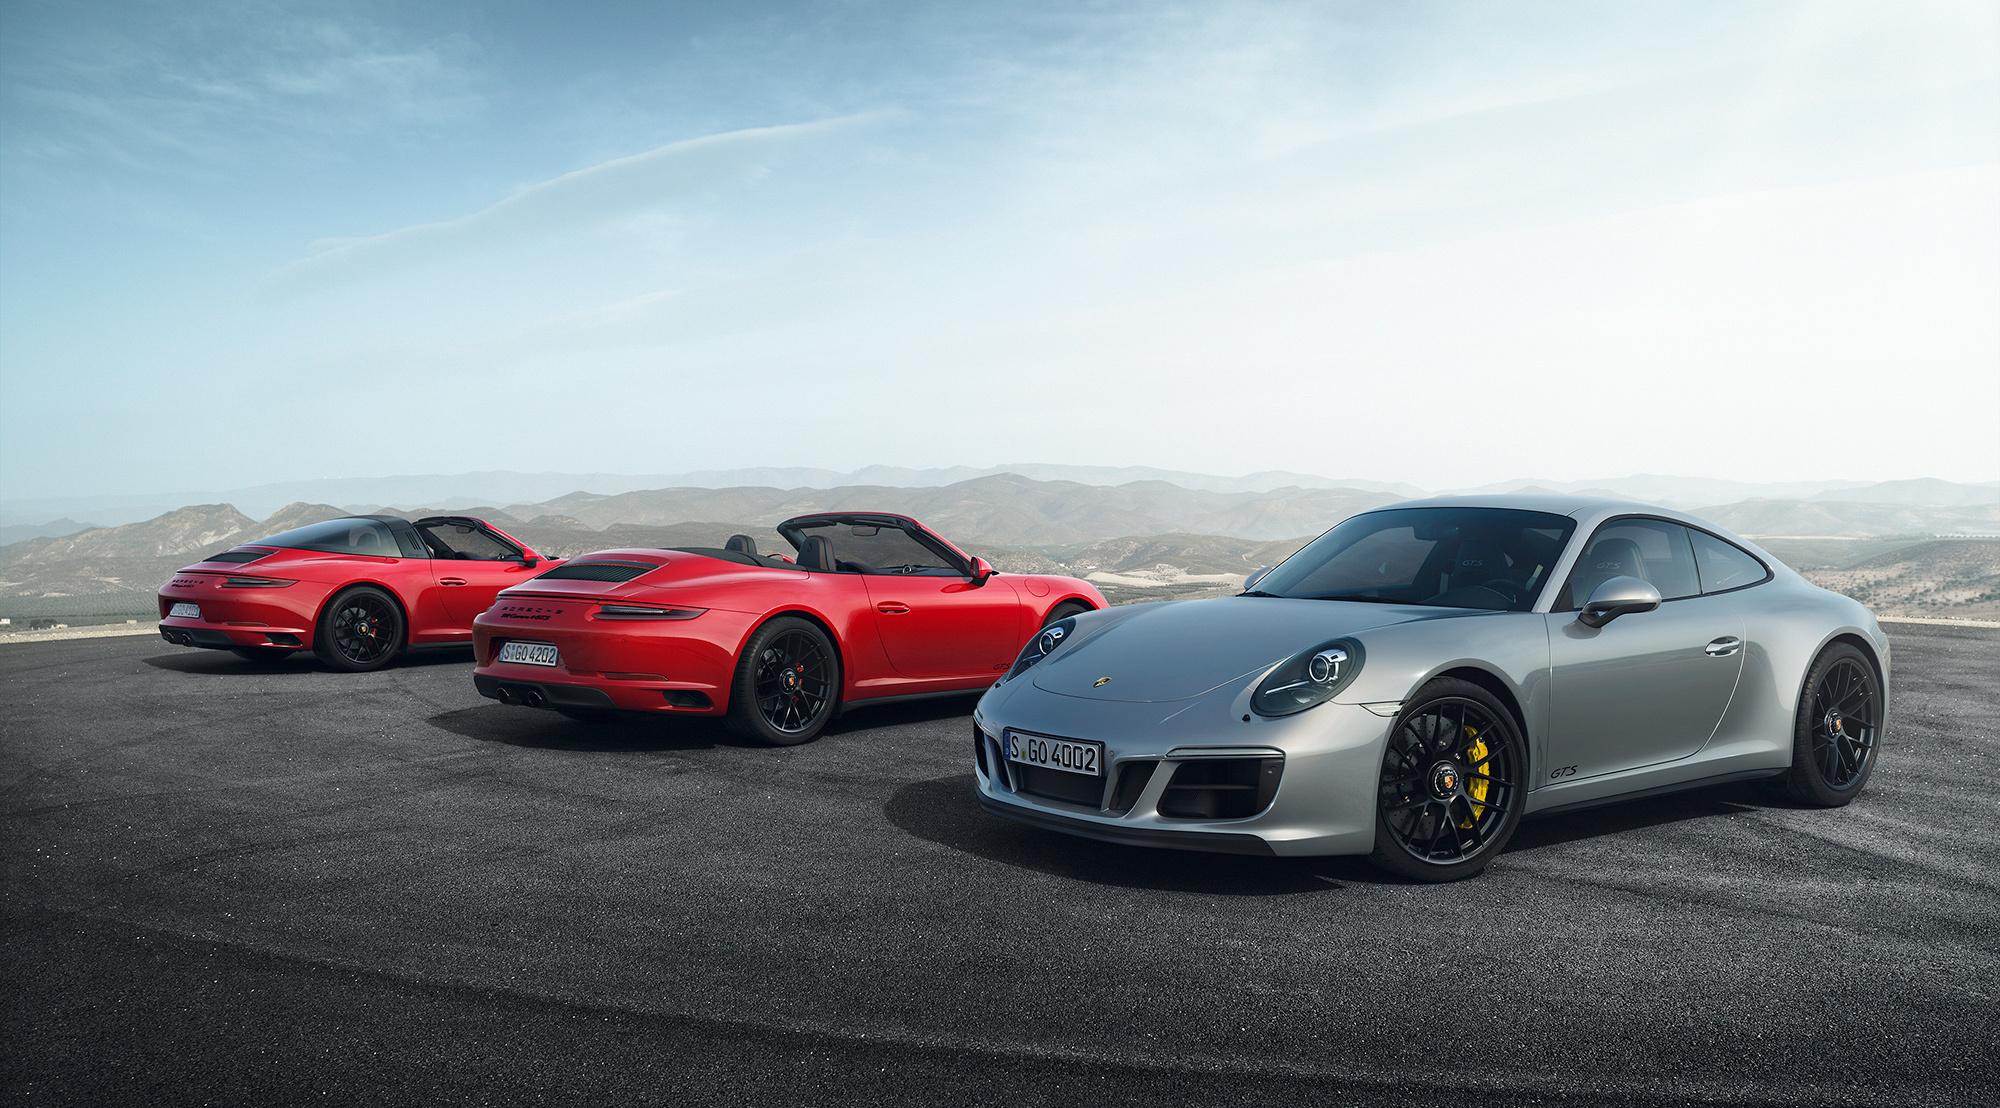 Porsche 911 Gts Wallpapers